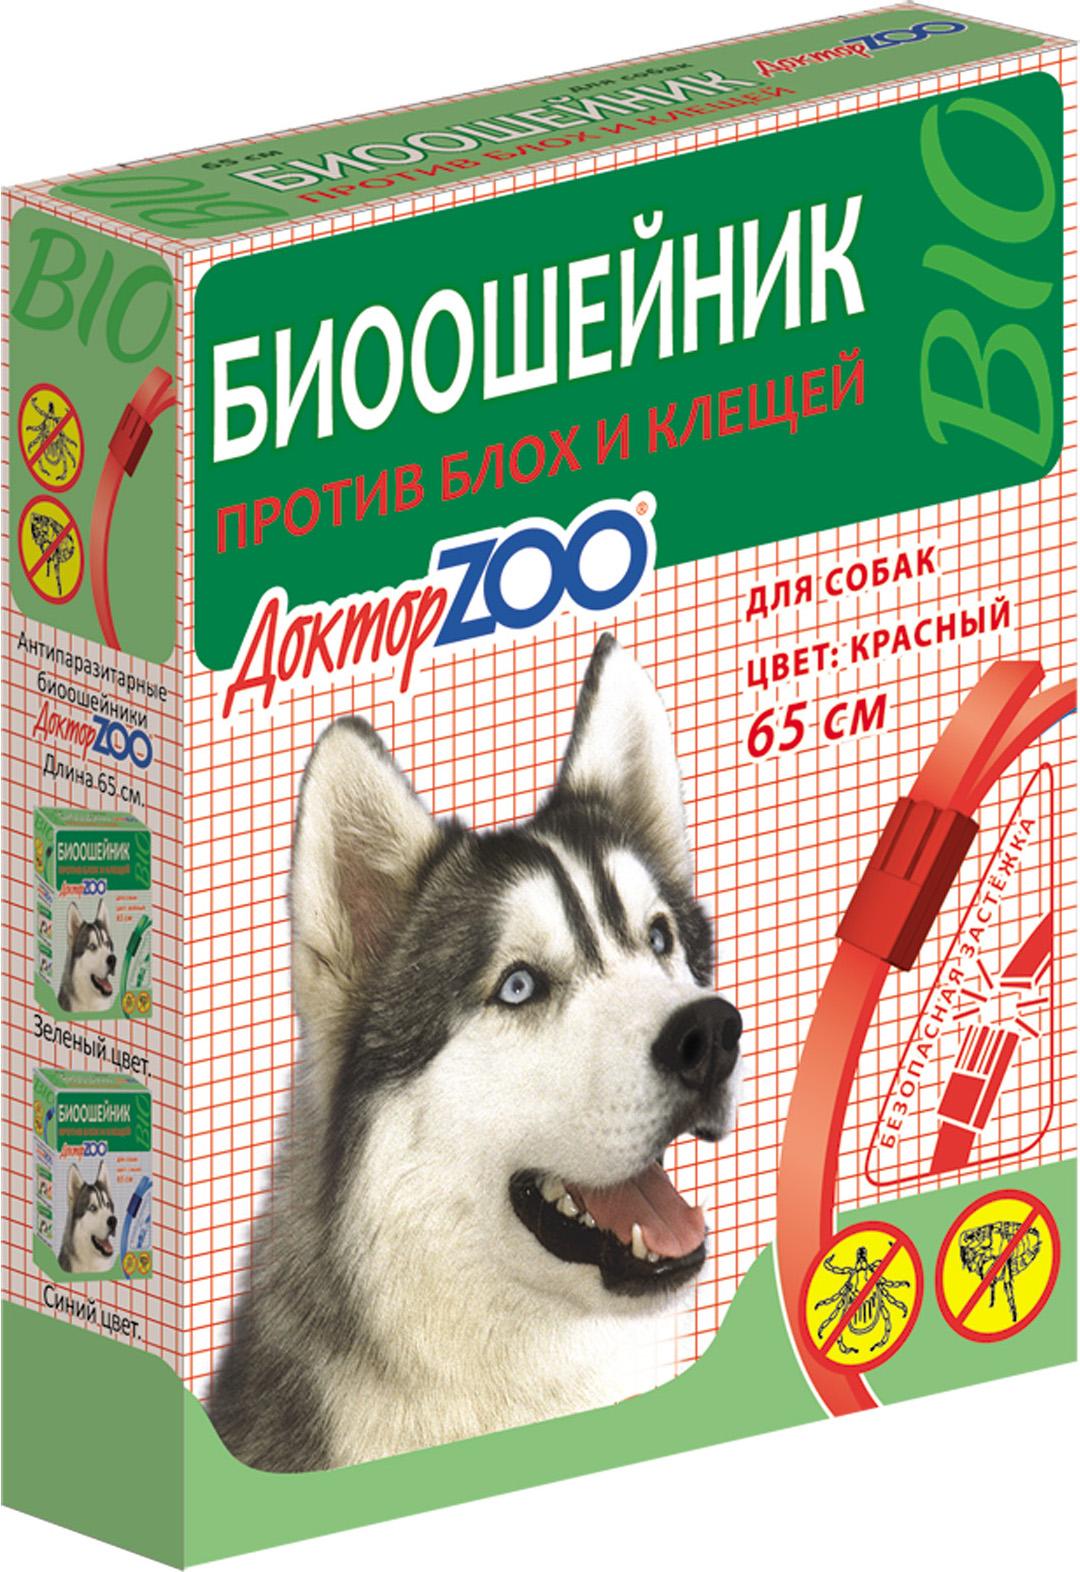 БИОошейник Доктор ZOO для собак, от блох и клещей, красный, 65 см доктор zoo витамины оптом в нижнем новгороде